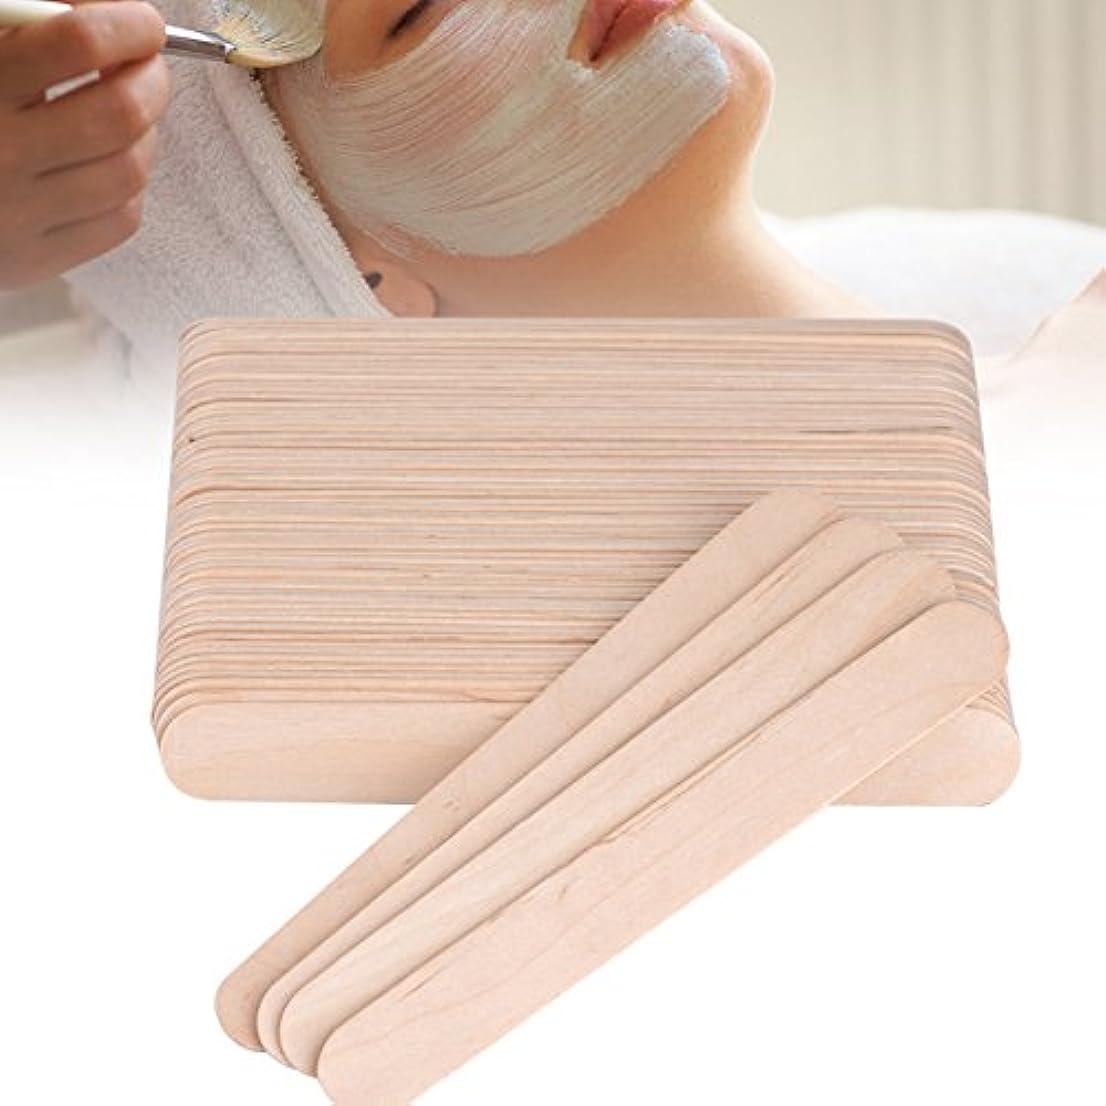 優勢十一分岐する舌圧子ワックススティックスパチュラアプリケーター木製スパチュラ使い捨て業務用木製 100PCS /バッグ